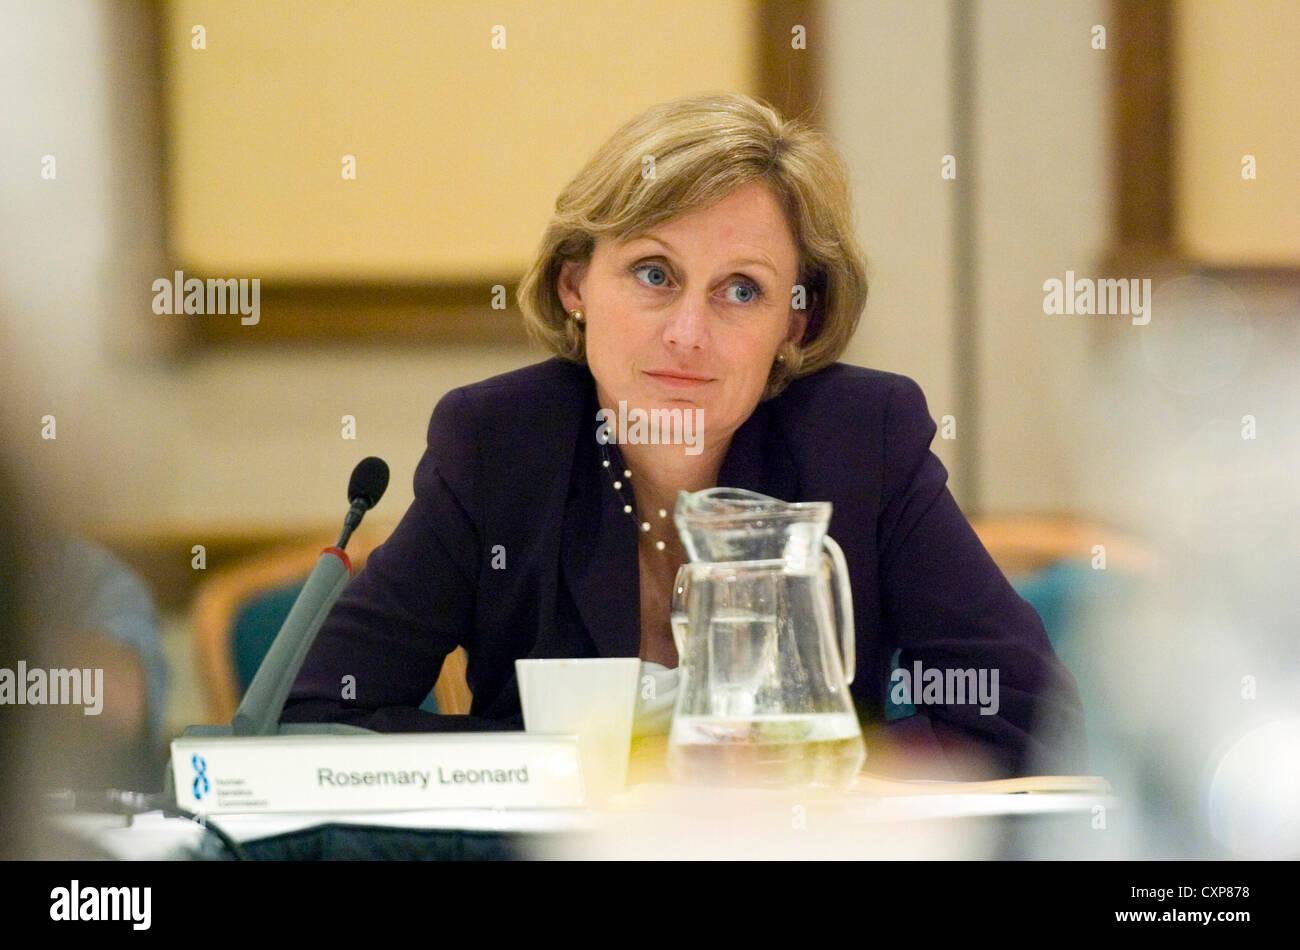 Dr Rosemary Leonard, resident GP on BBC1's Breakfast News. - Stock Image